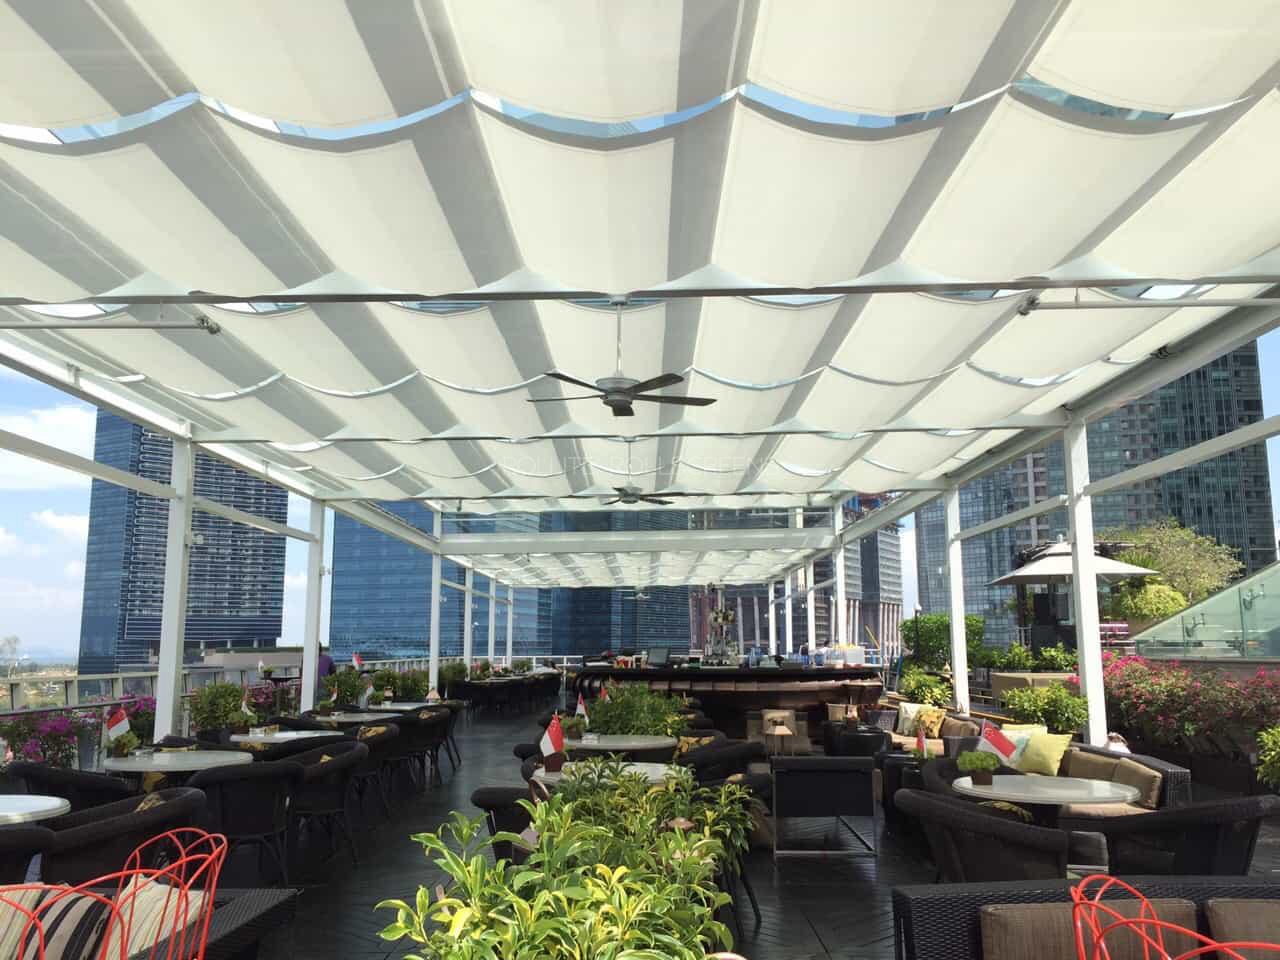 Sunscreen Singapore_Rollite External Scallop Skylight 5-1